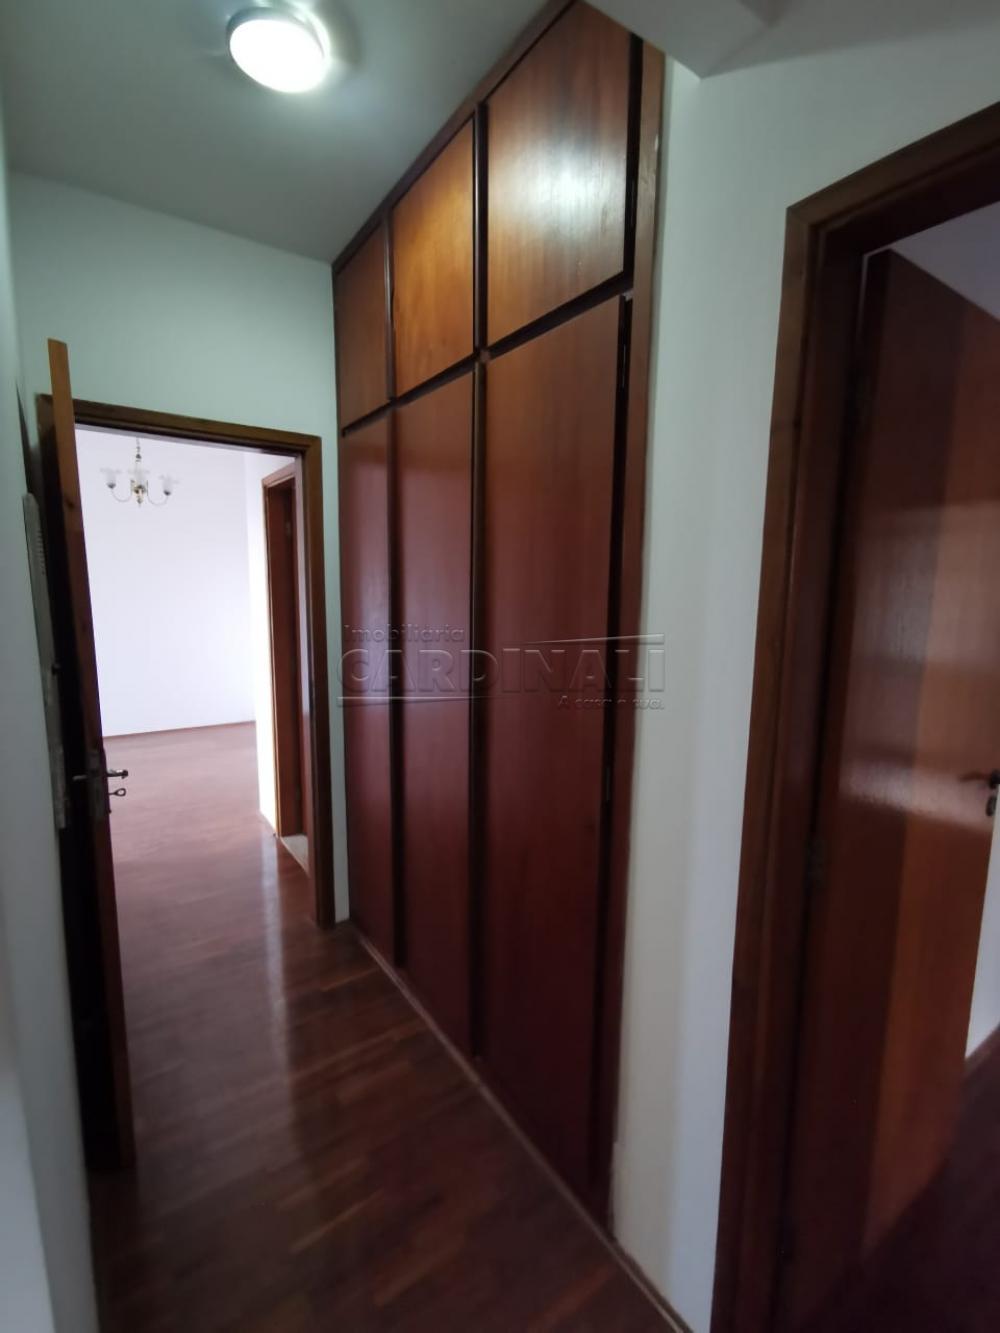 Alugar Apartamento / Padrão em Araraquara R$ 1.500,00 - Foto 9